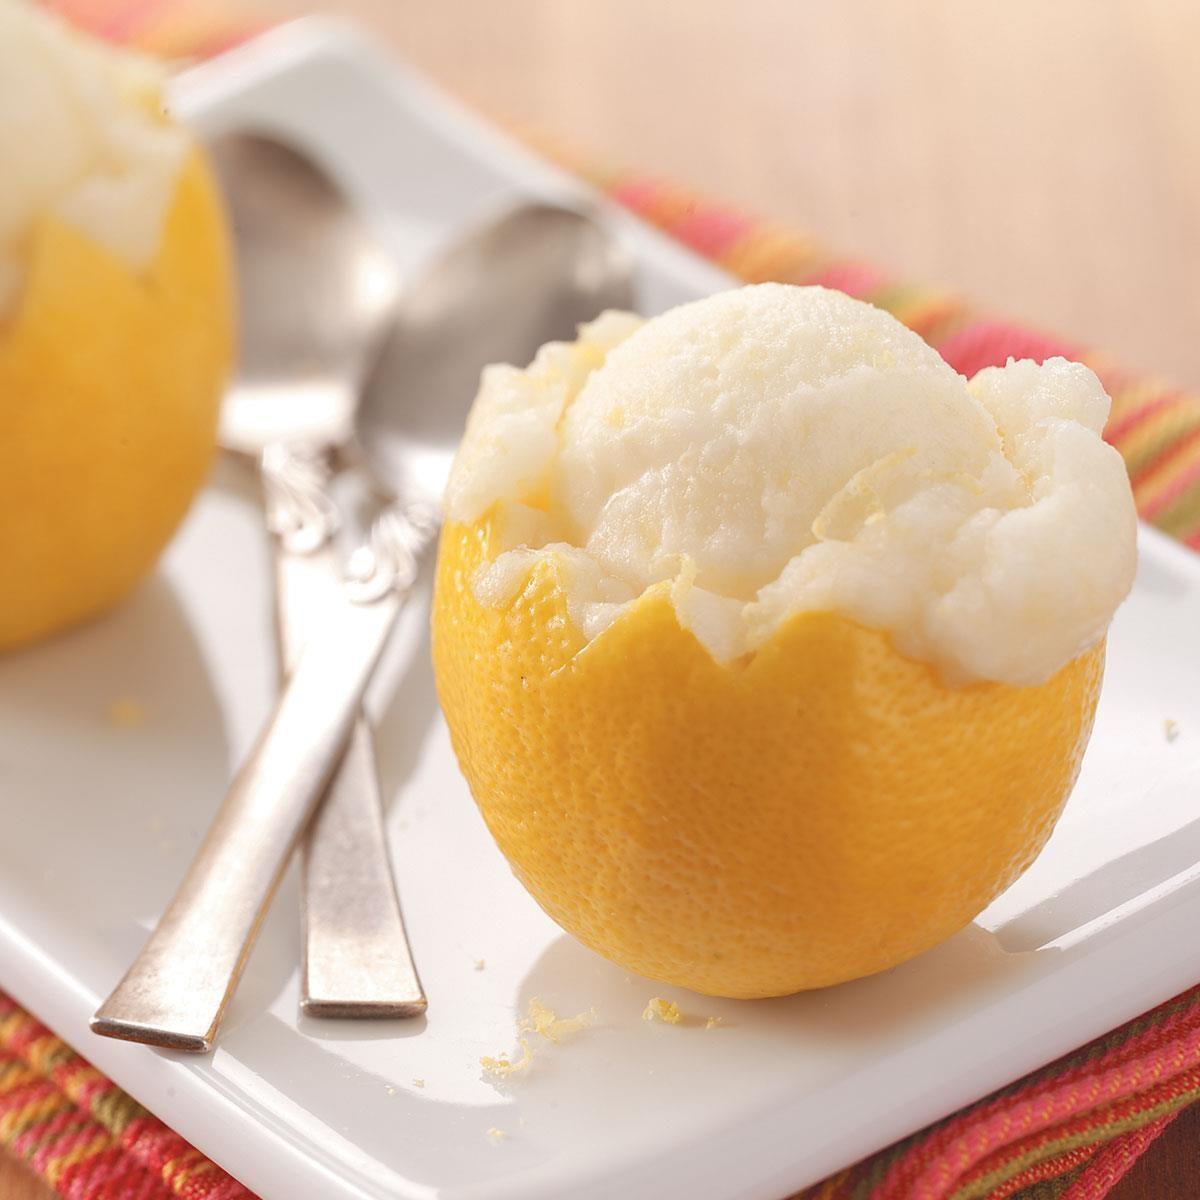 Lemon Sorbet Recipe | Taste of Home